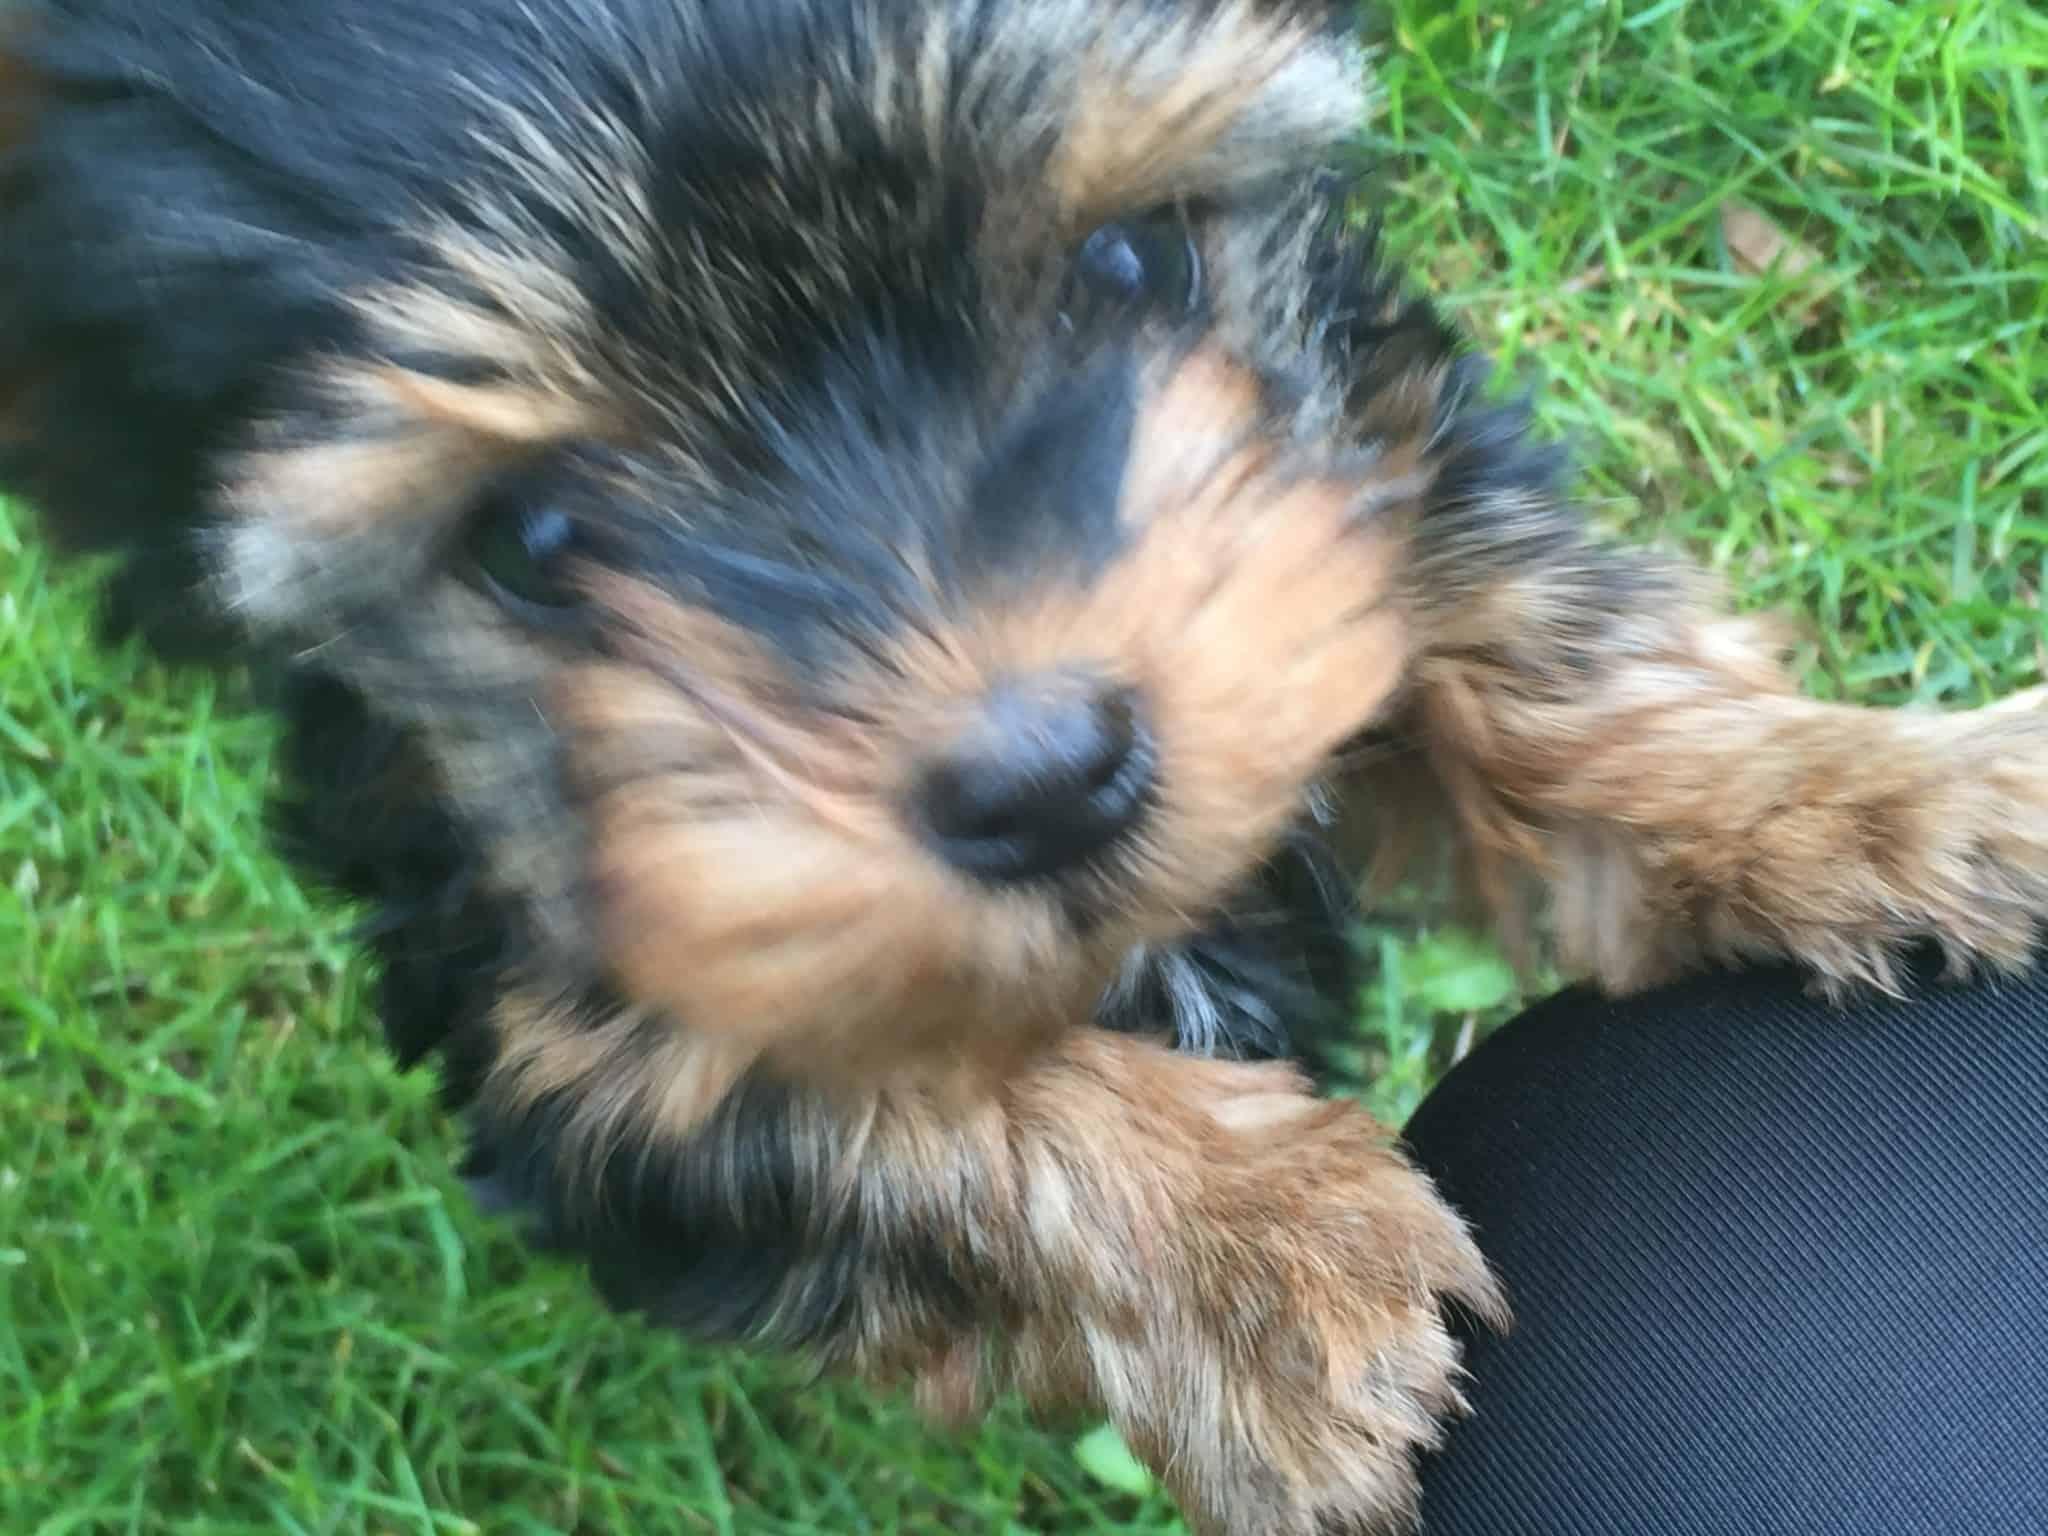 Vi har fået et nyt familiemedlem - Skibshunden Bobo!